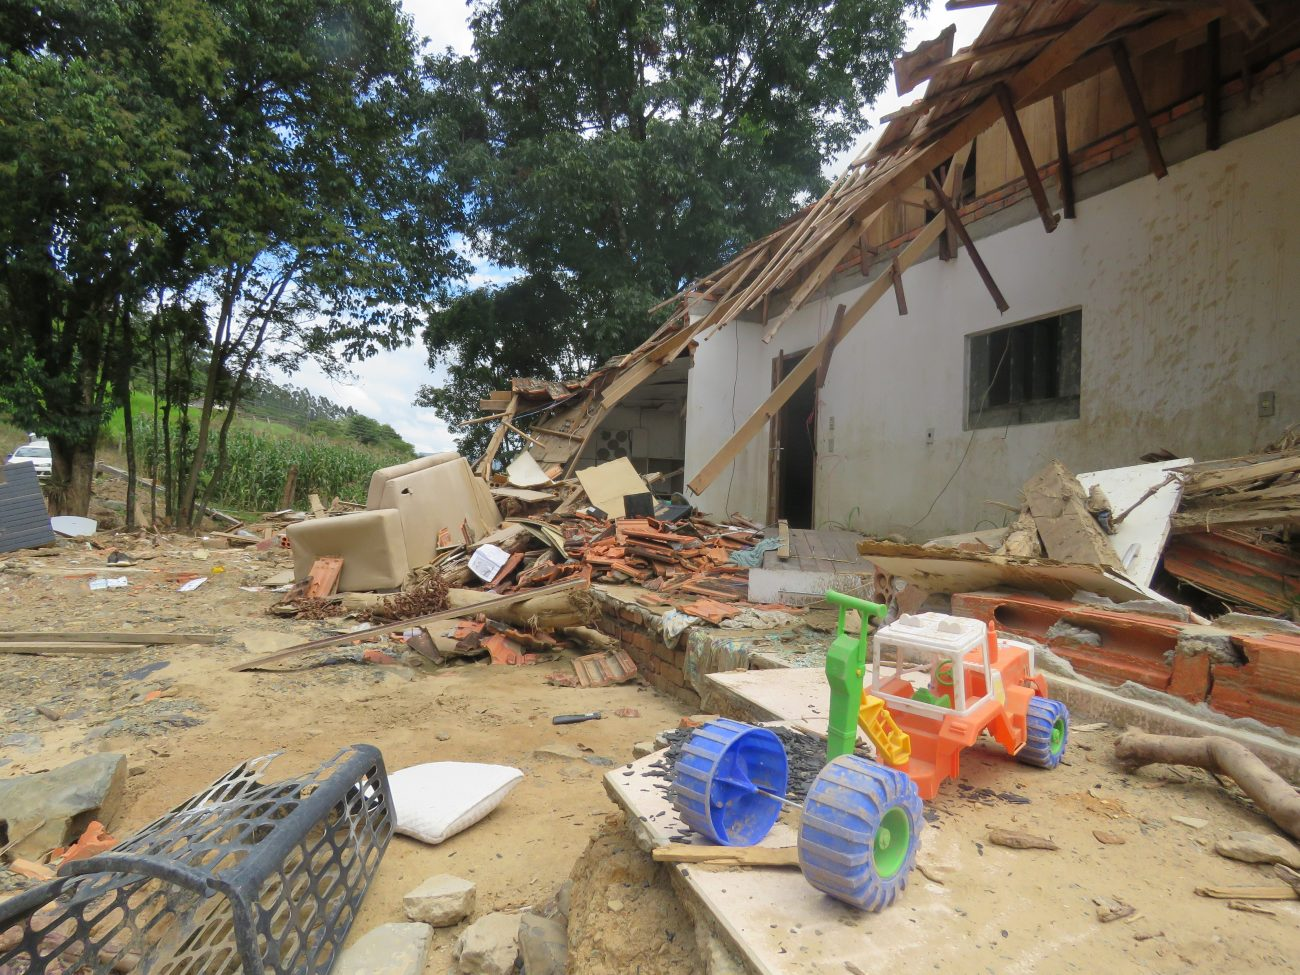 Prefeitura estima R$ 6,5 milhões em prejuízos com as residências afetadas na enxurrada - Talita Catie/ND